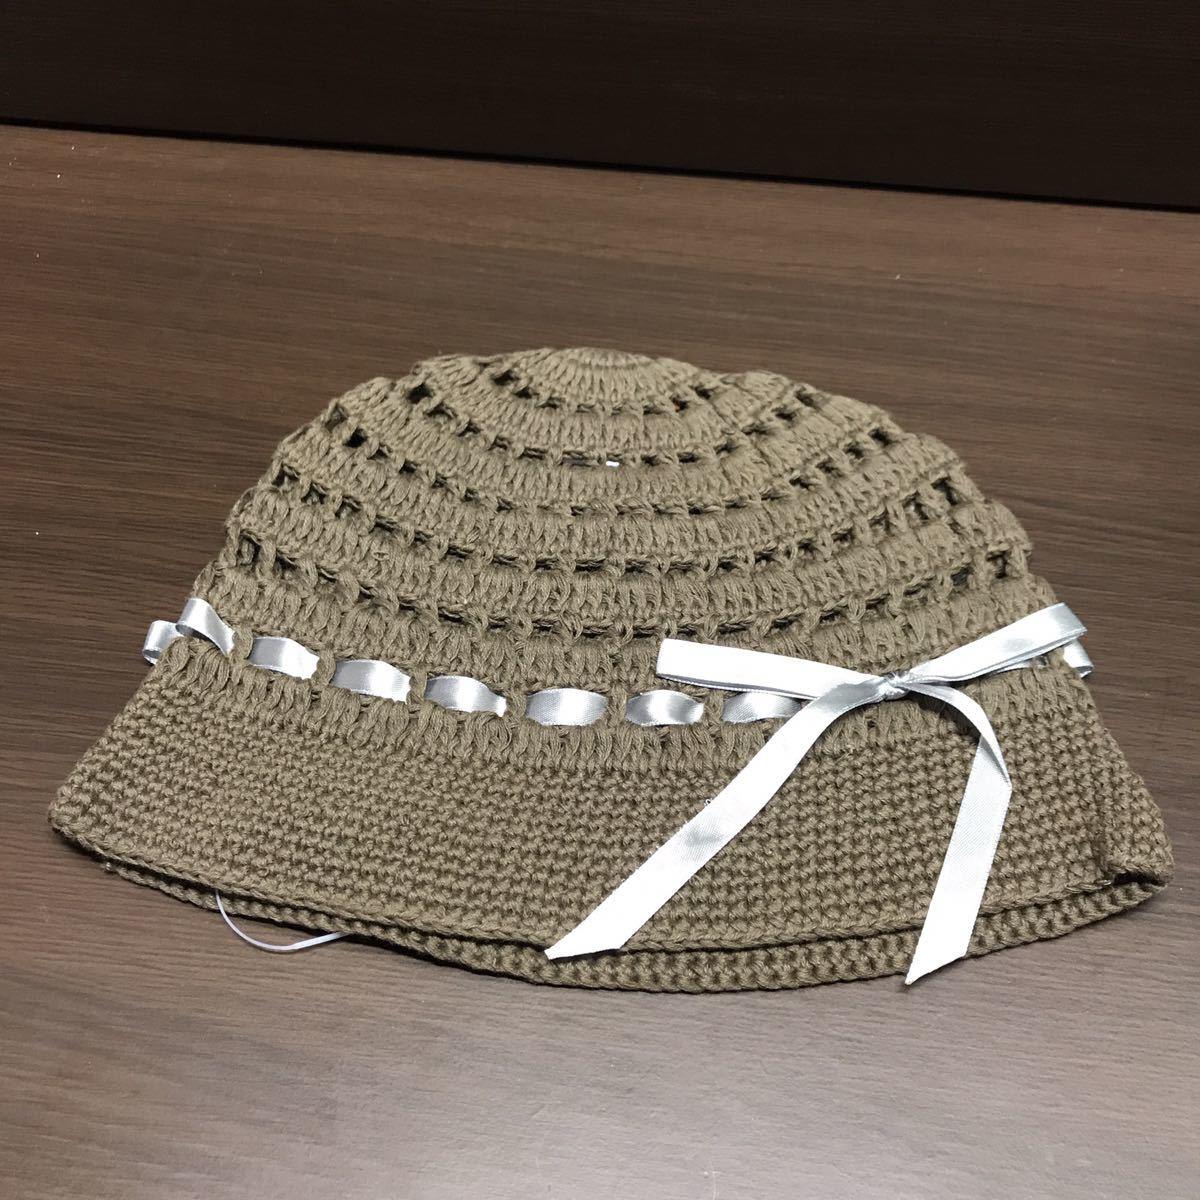 未使用 コットンニットキャップ レディース ブラウン系 リボンのワンポイントニット帽 ハンドメイド_画像1